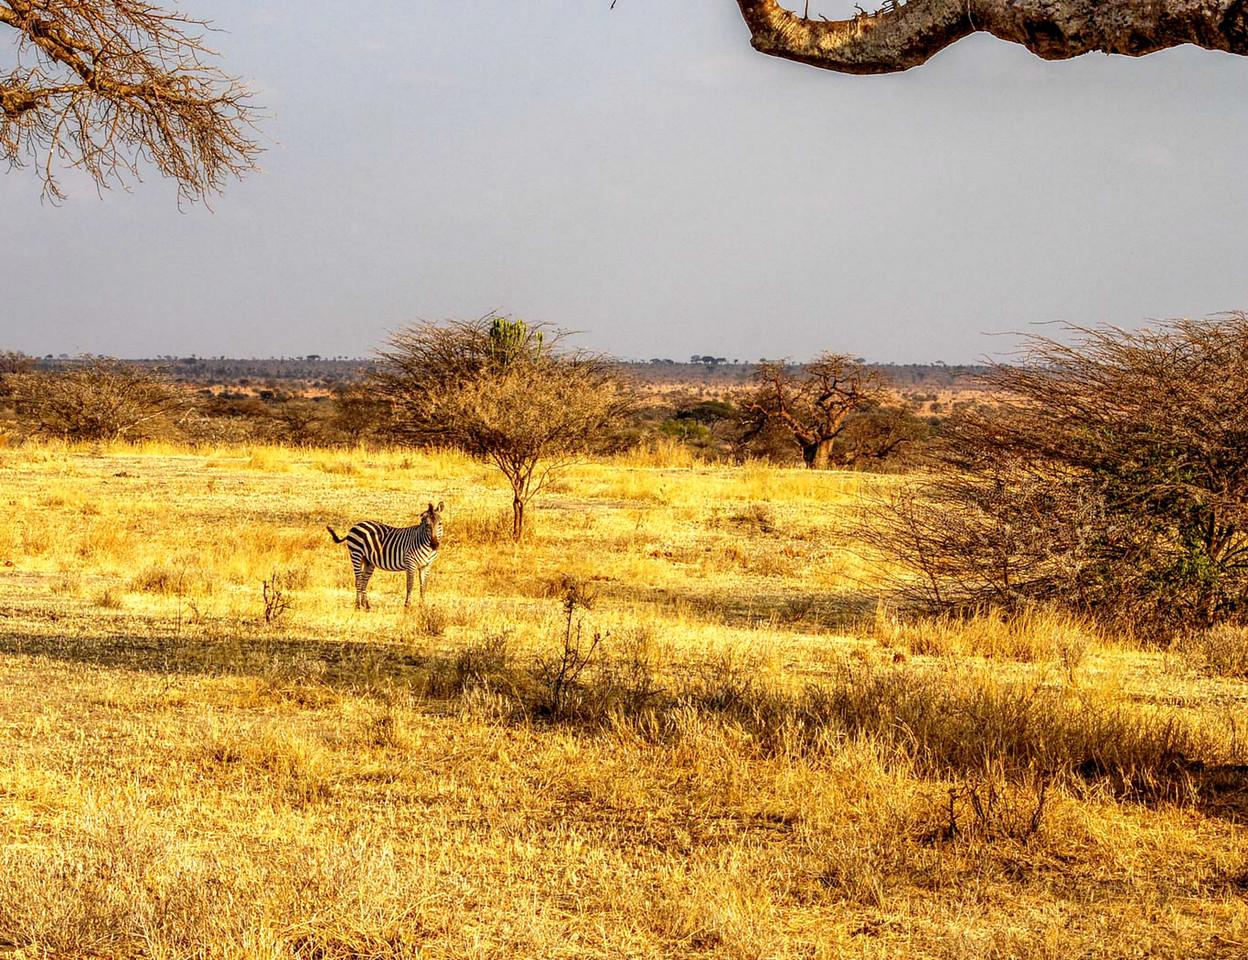 Zebra in the Landscape